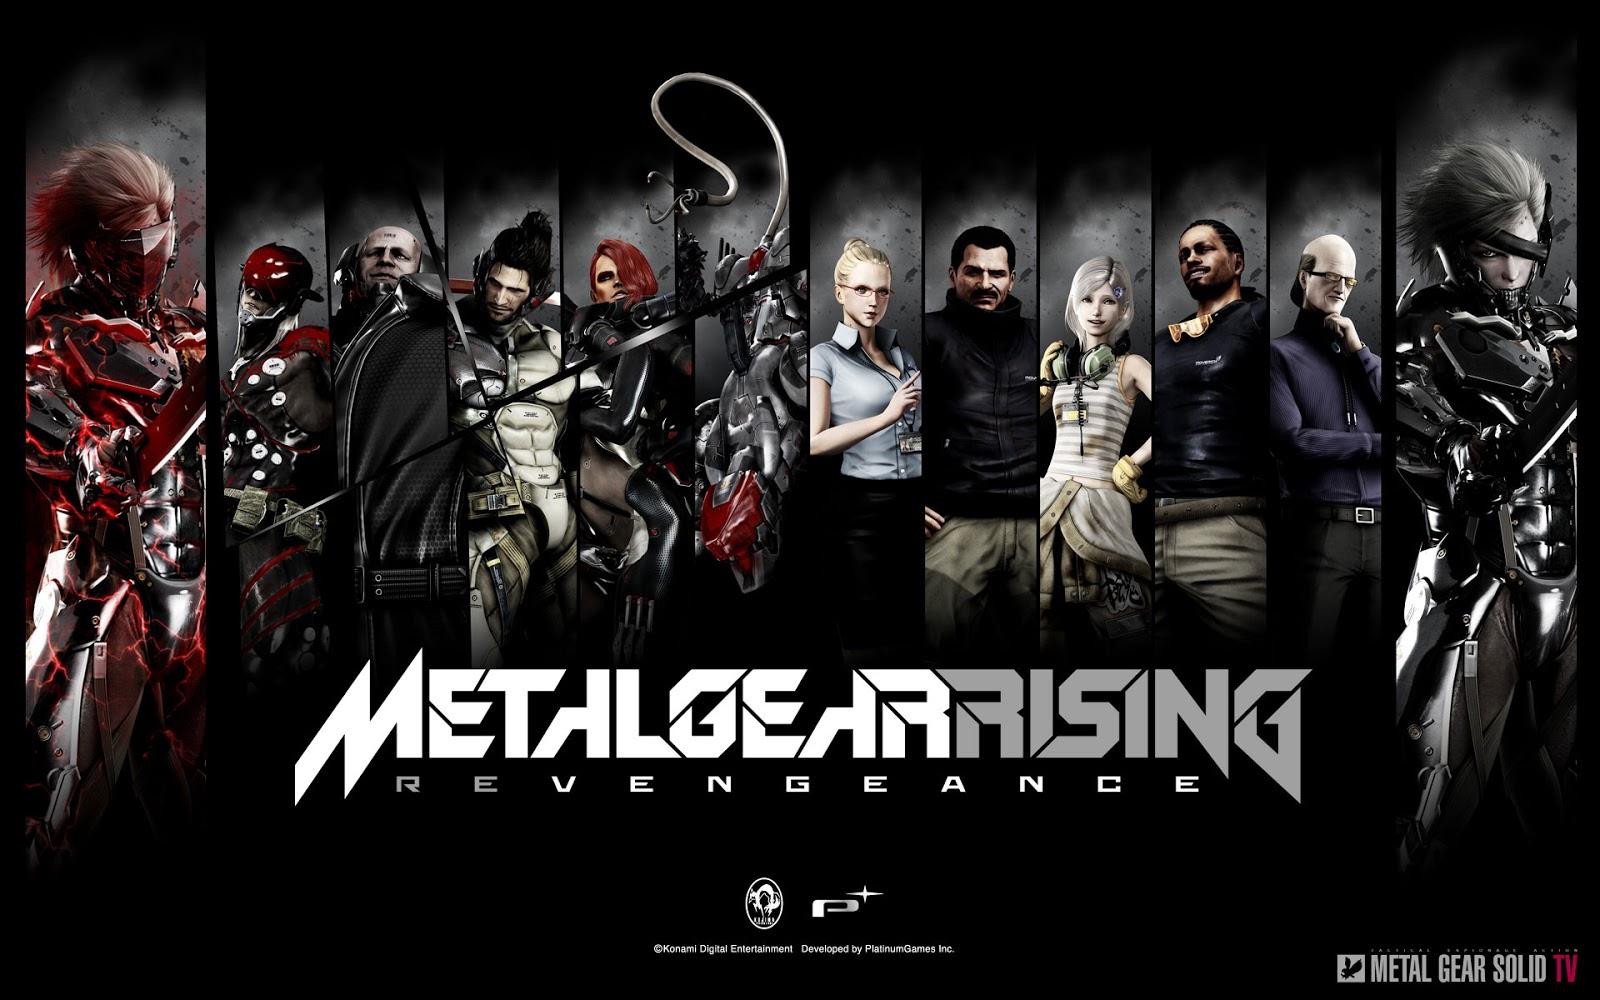 metal gear solid tv metal gear rising revengeance